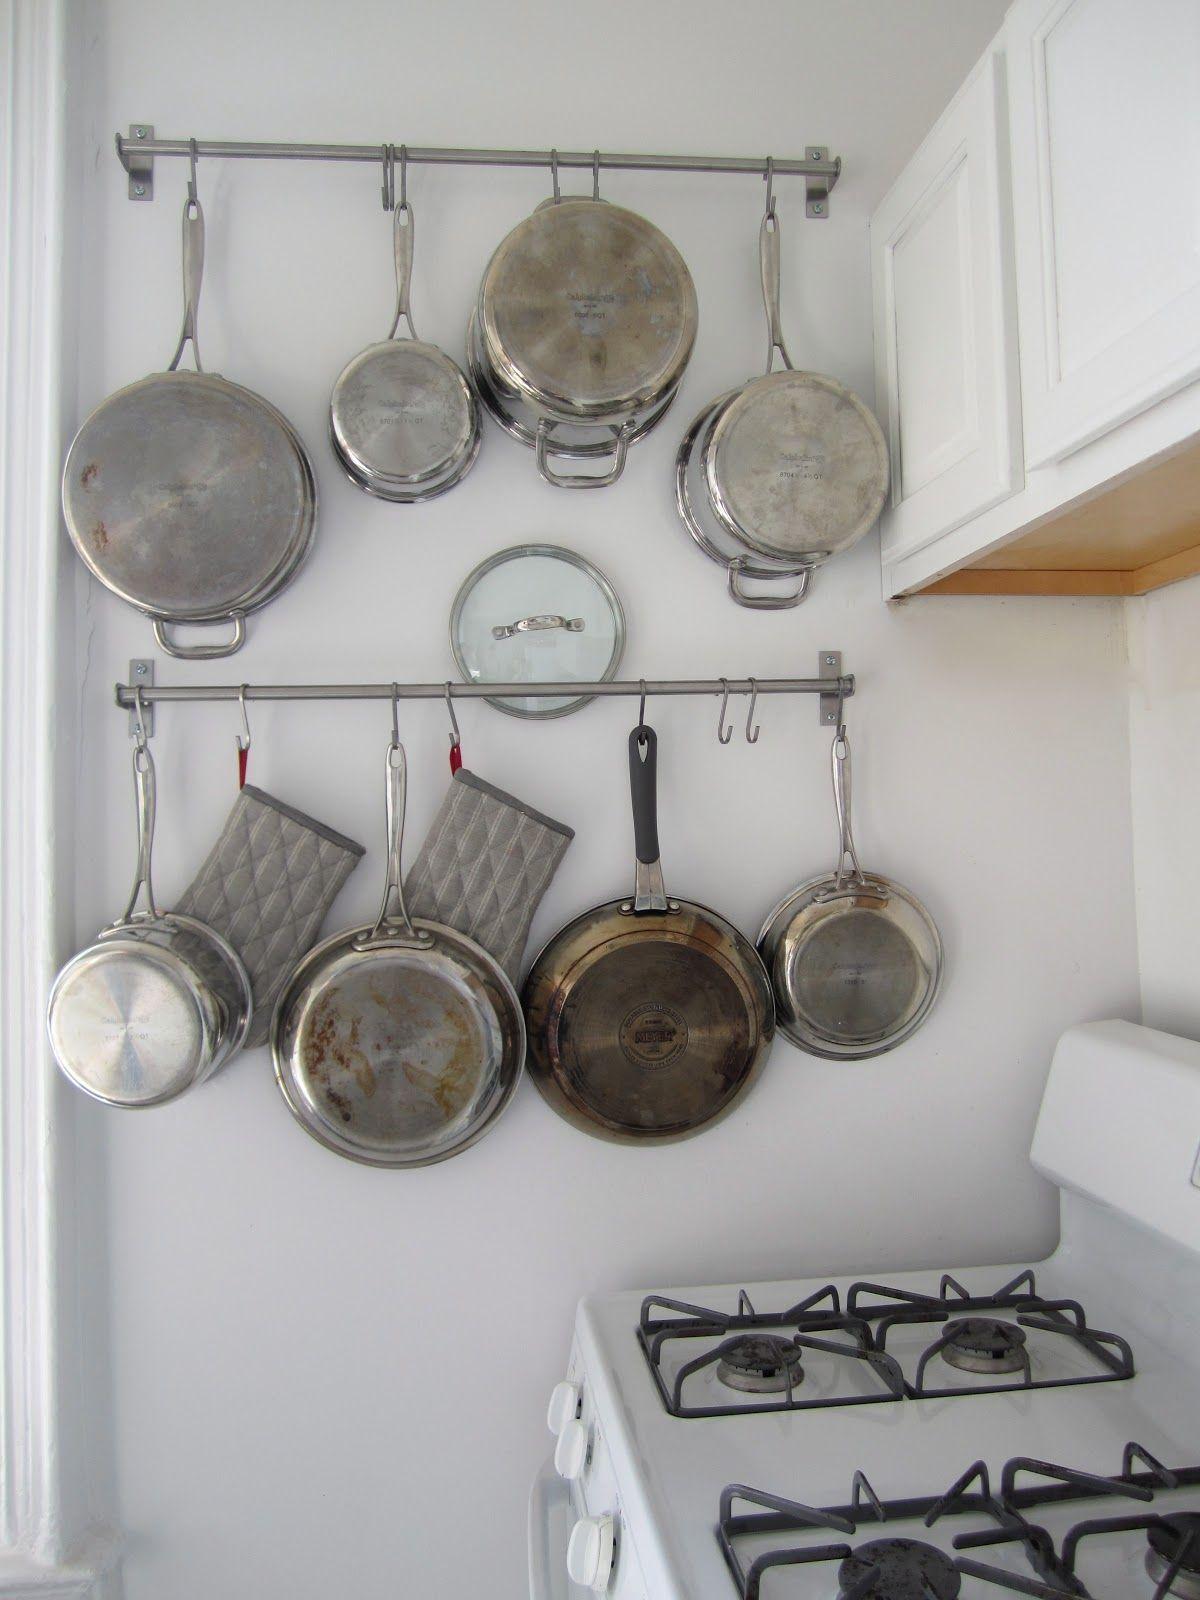 hang pots and pants kitchen wall